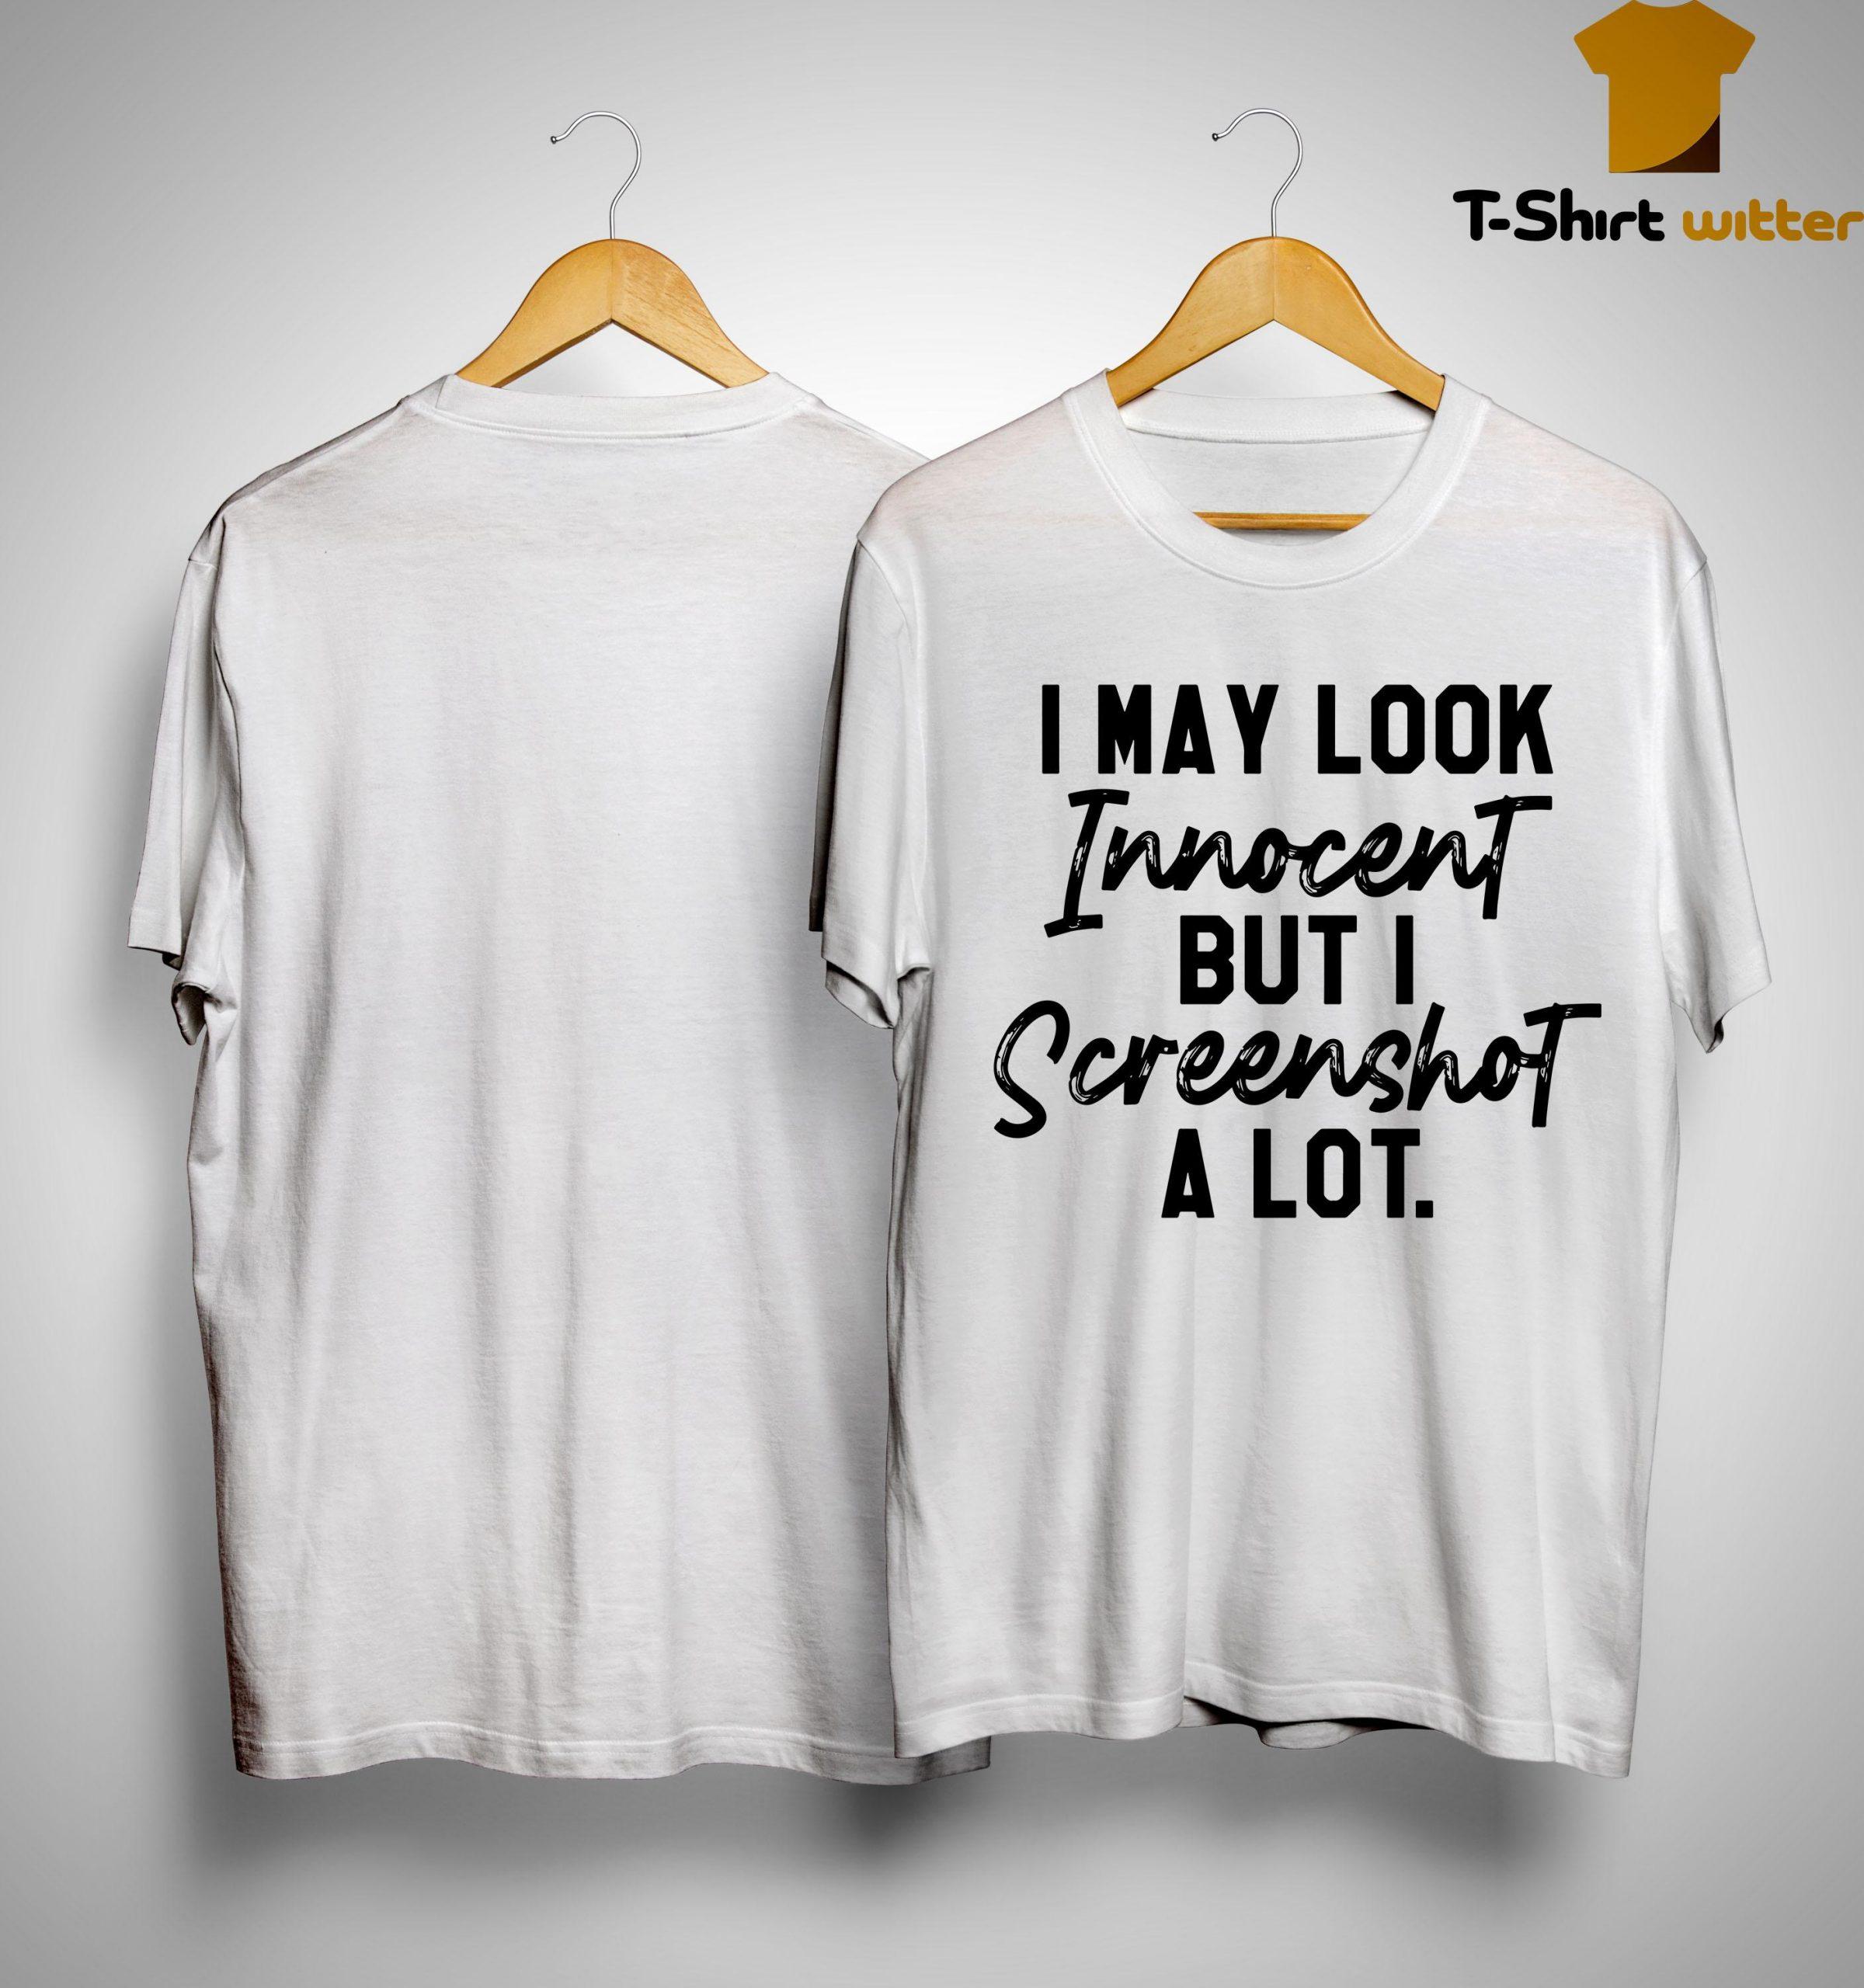 I May Look Innocent But I Screenshot A Lot Shirt